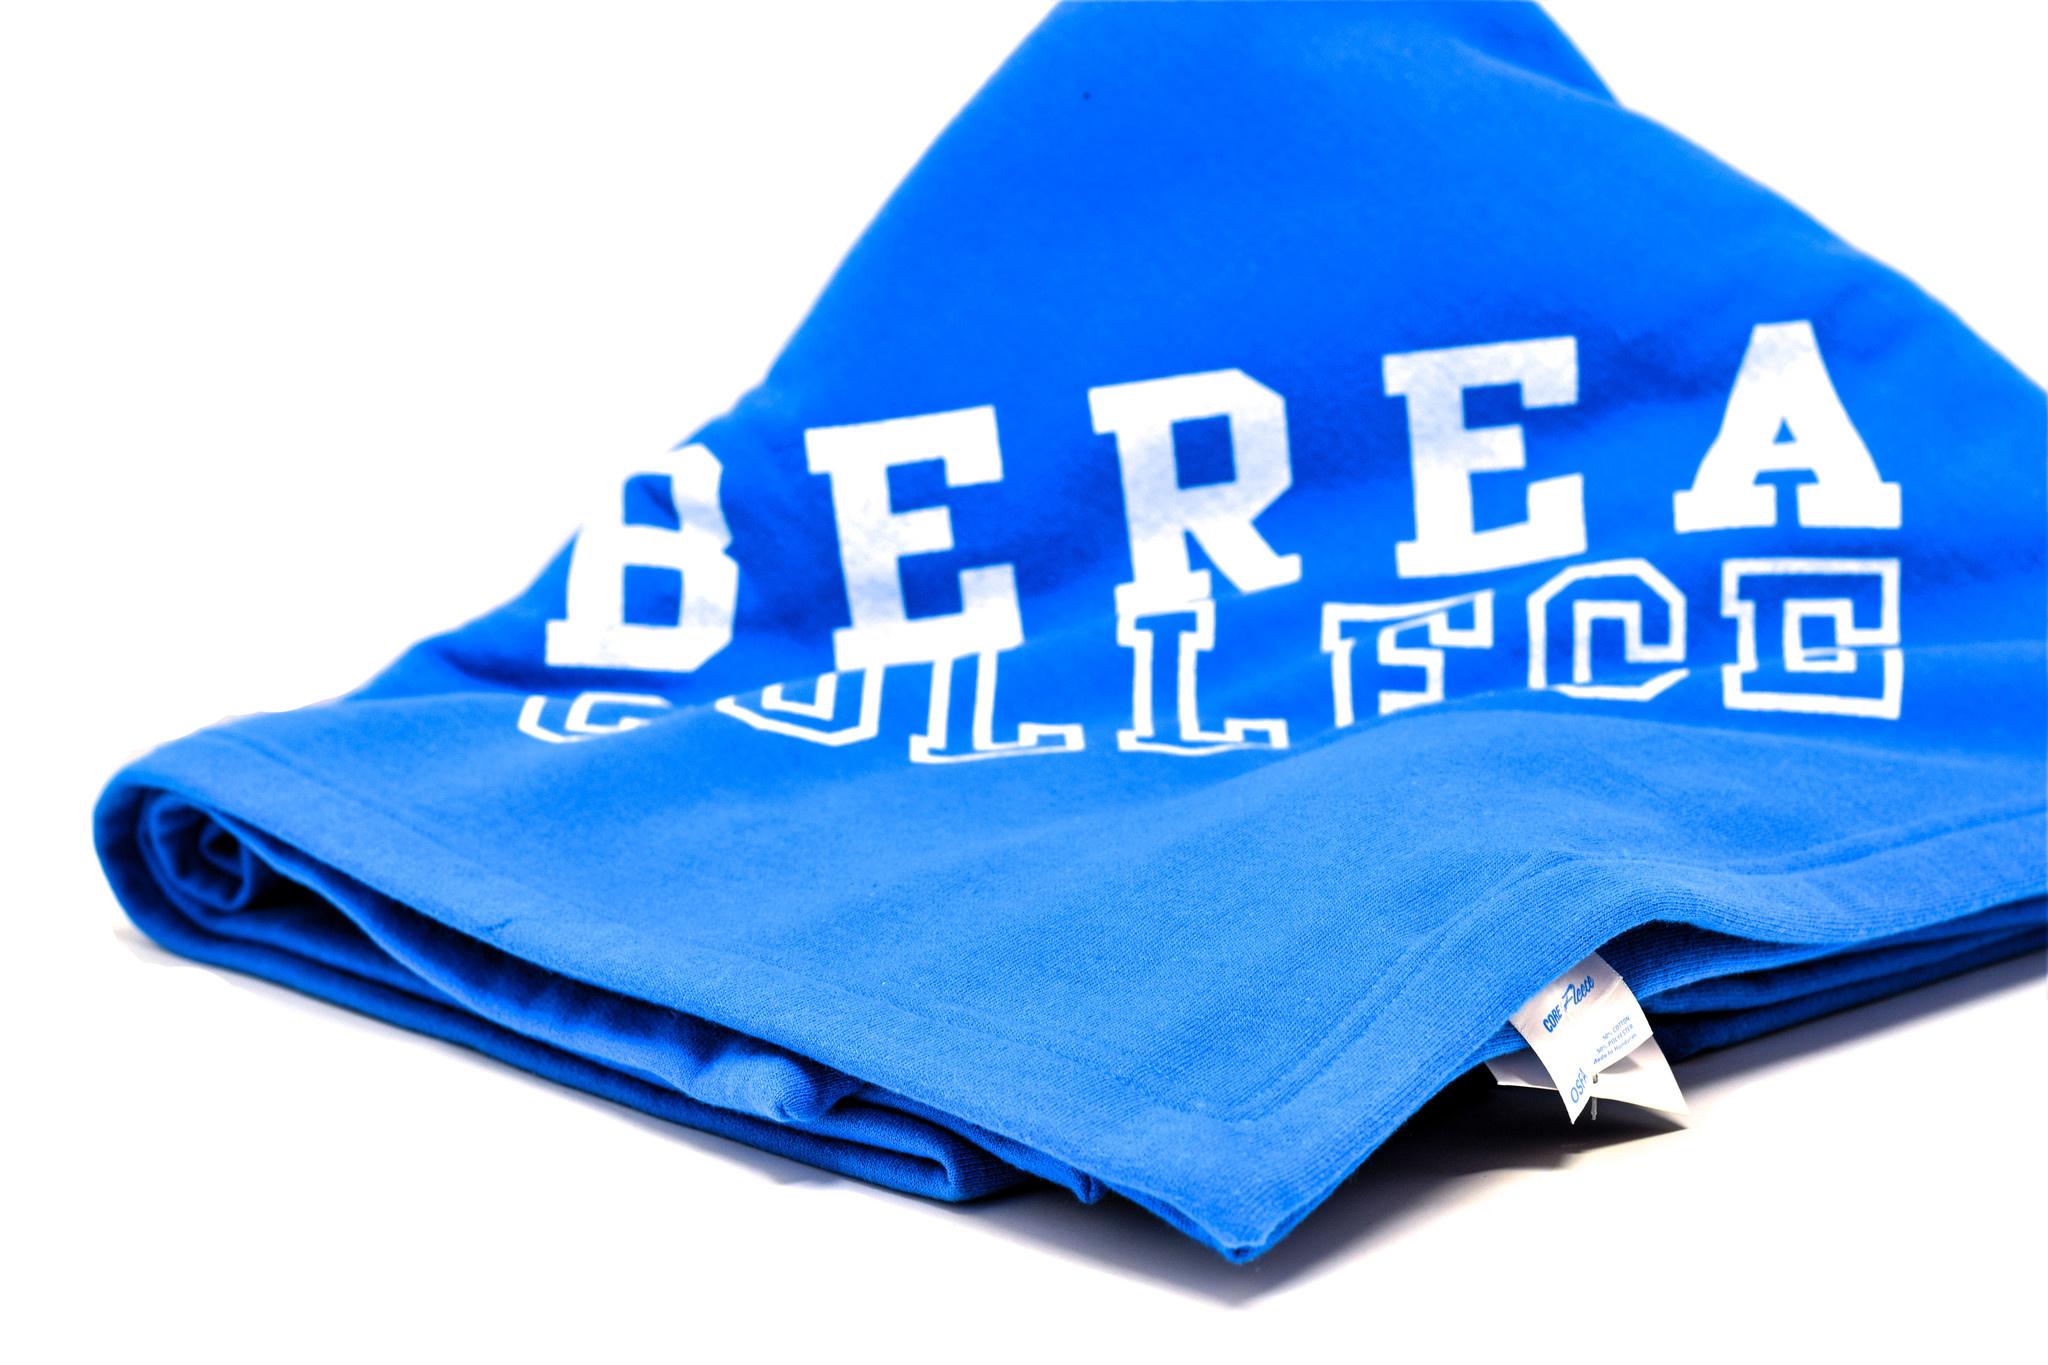 Blue Berea College Fleece Blanket-2